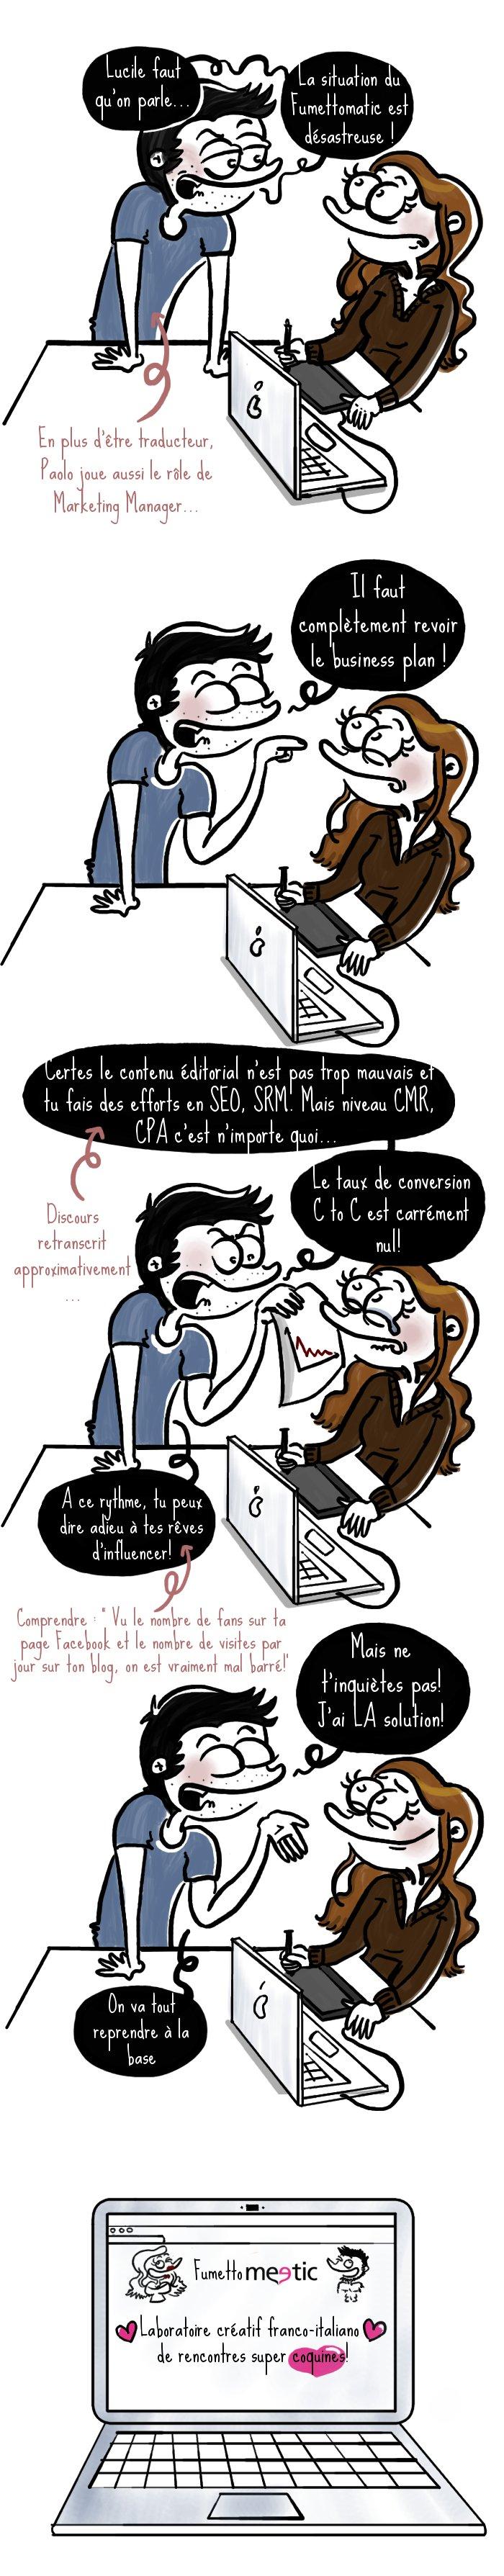 web marketing fr